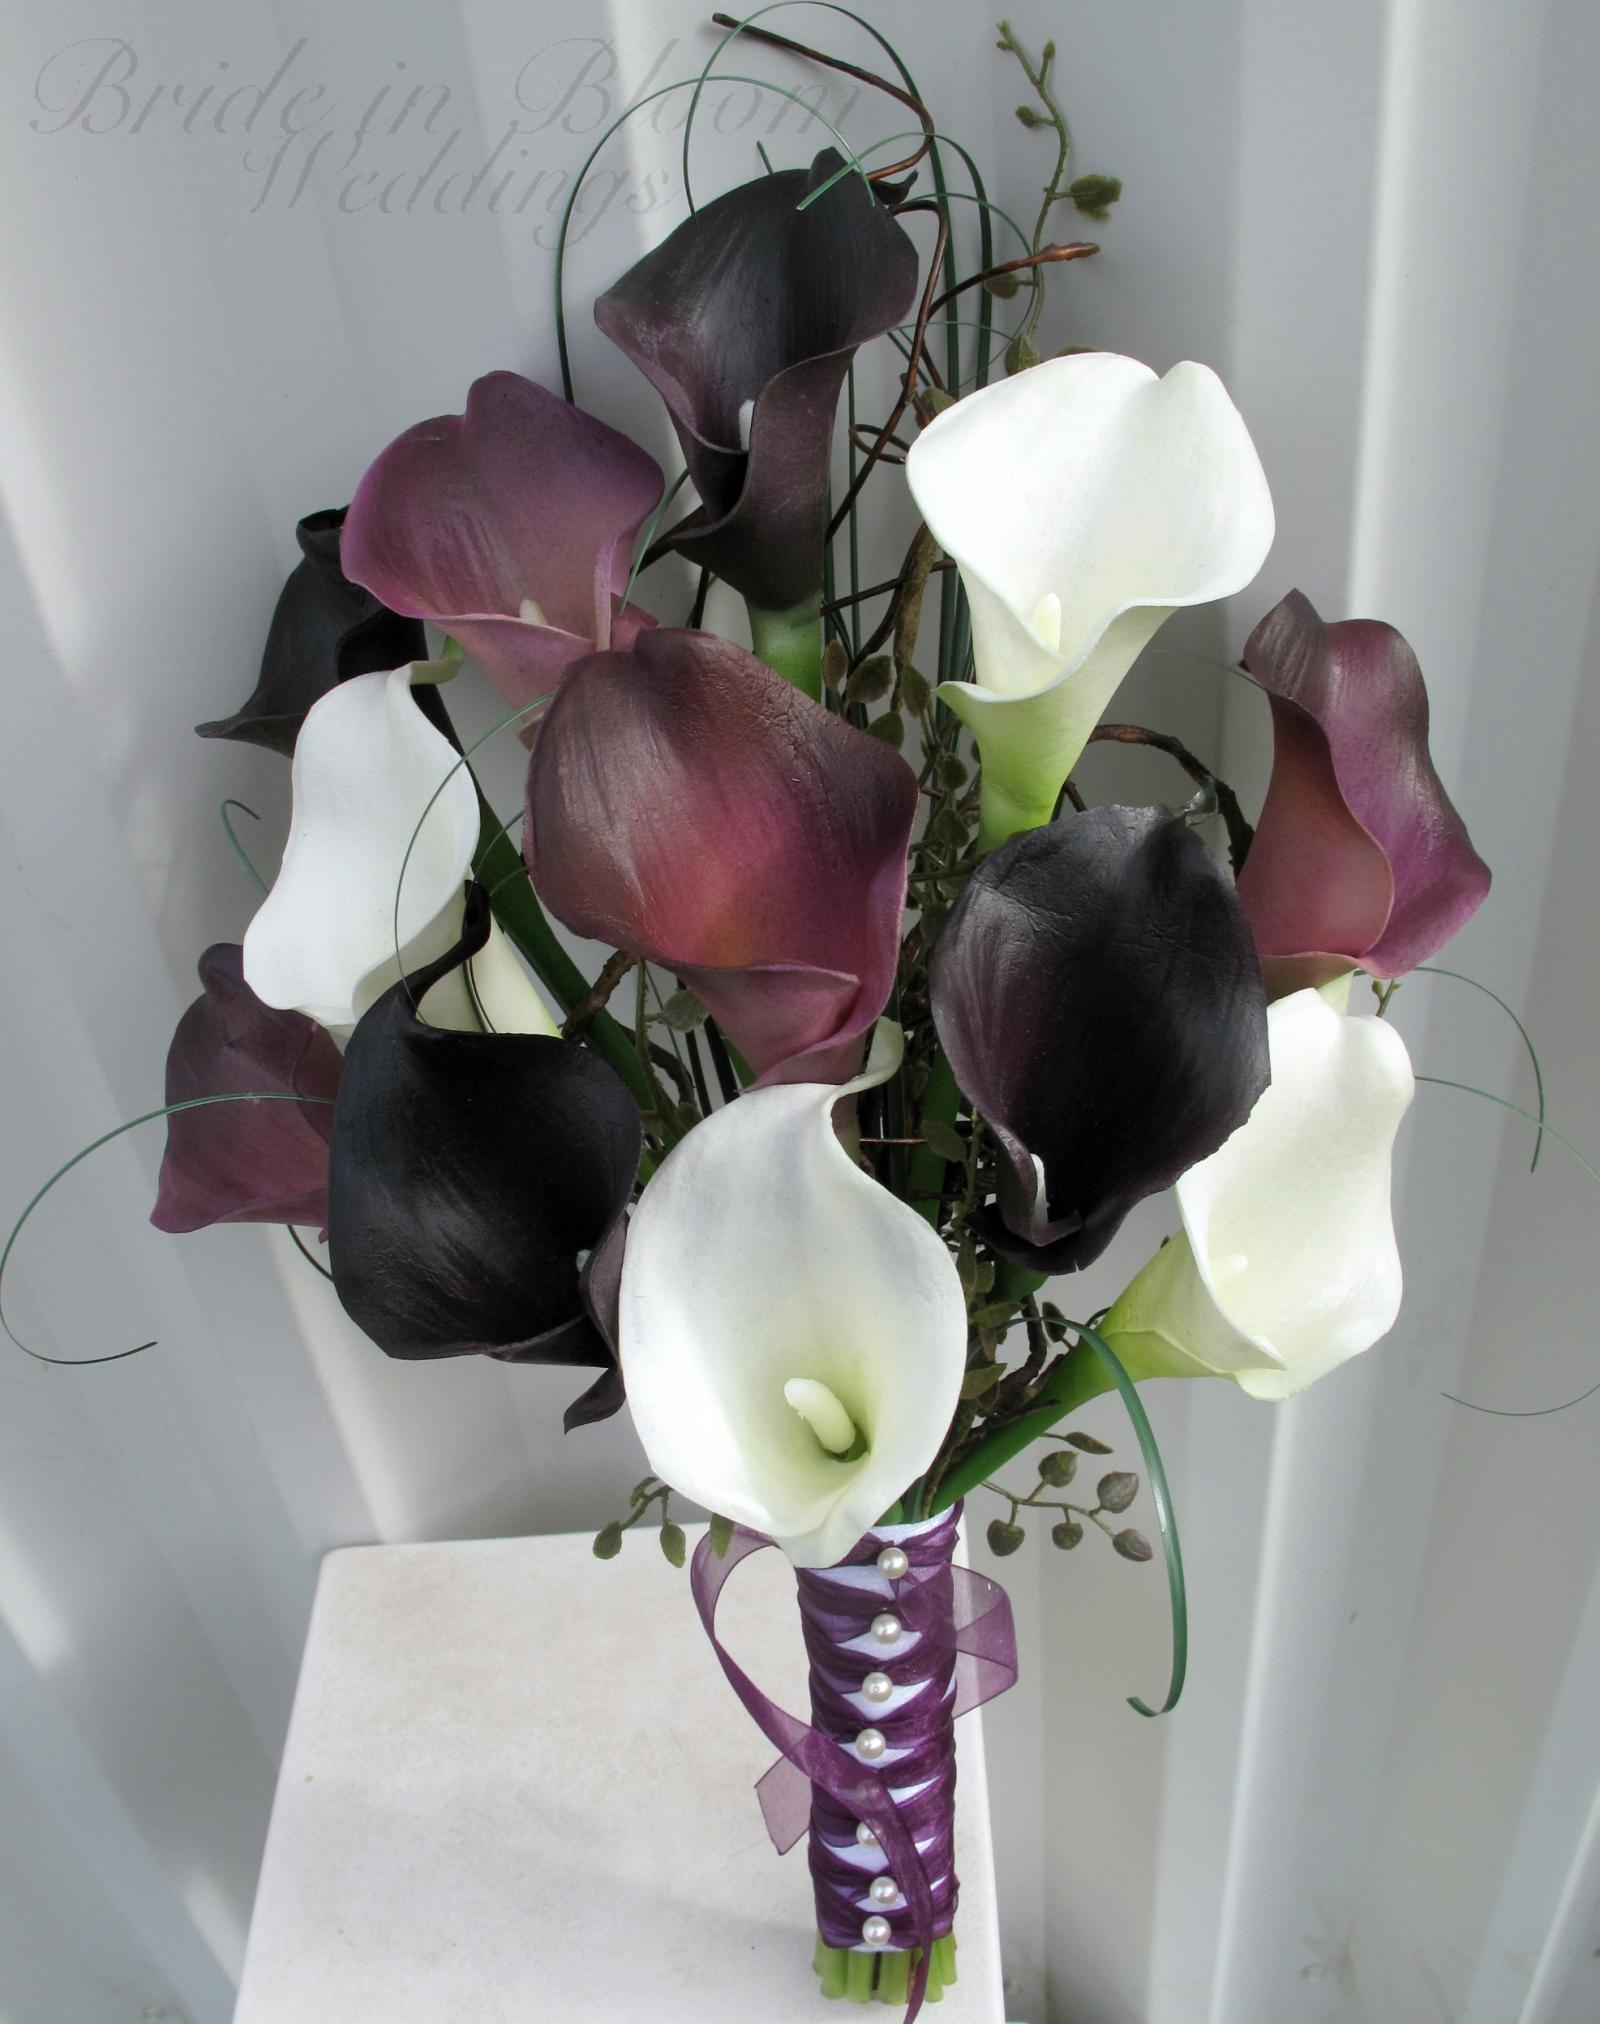 Wedding bouquet dark plum purple white calla lily bridal bouquet wedding bouquet real touch dark plum purple white calla lily bridal bouquet mightylinksfo